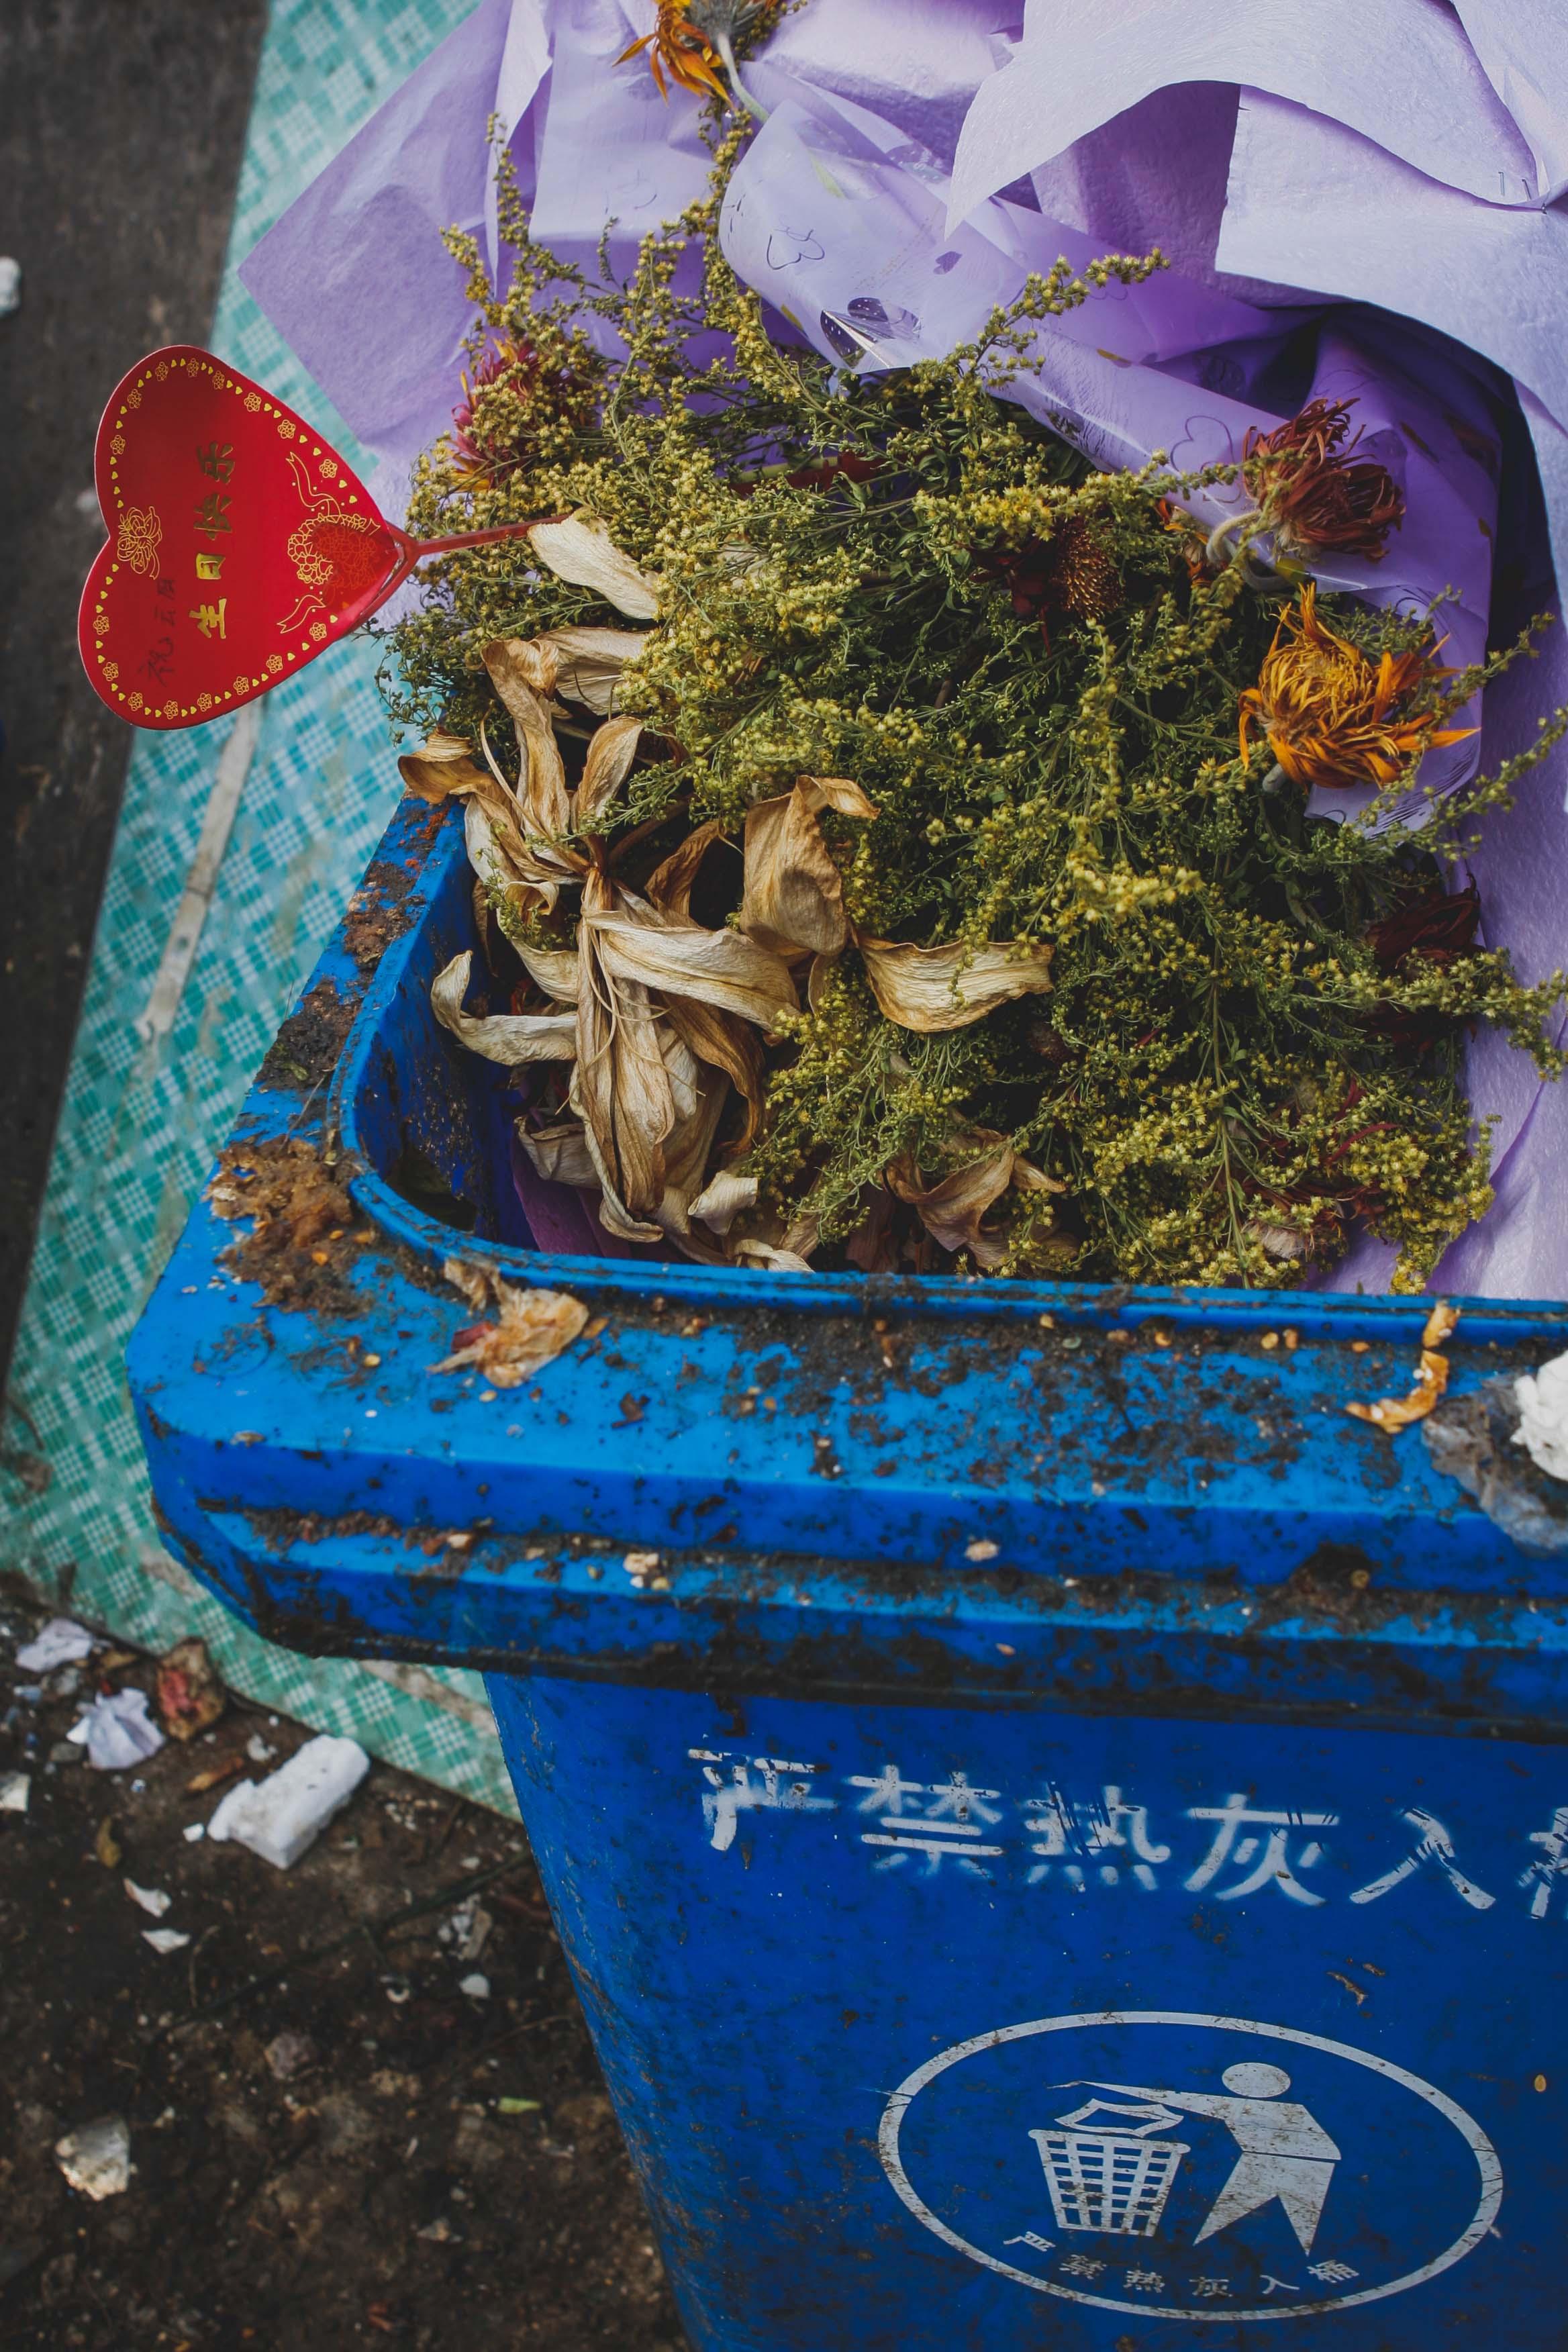 077-Xina_Blog